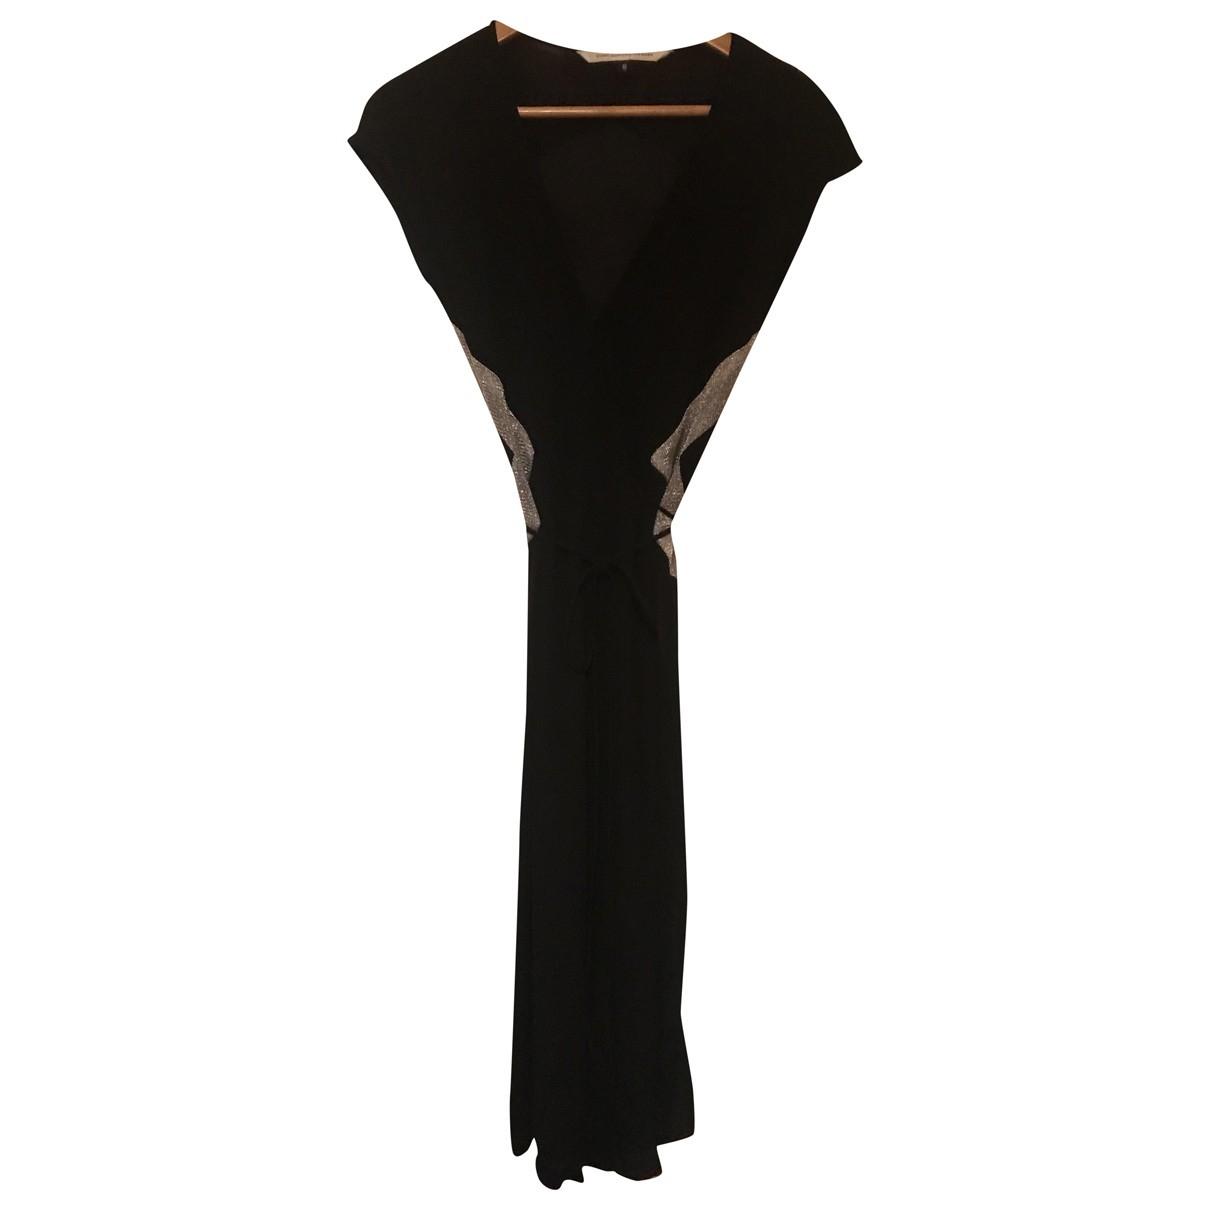 Diane Von Furstenberg N Black dress for Women 8 US